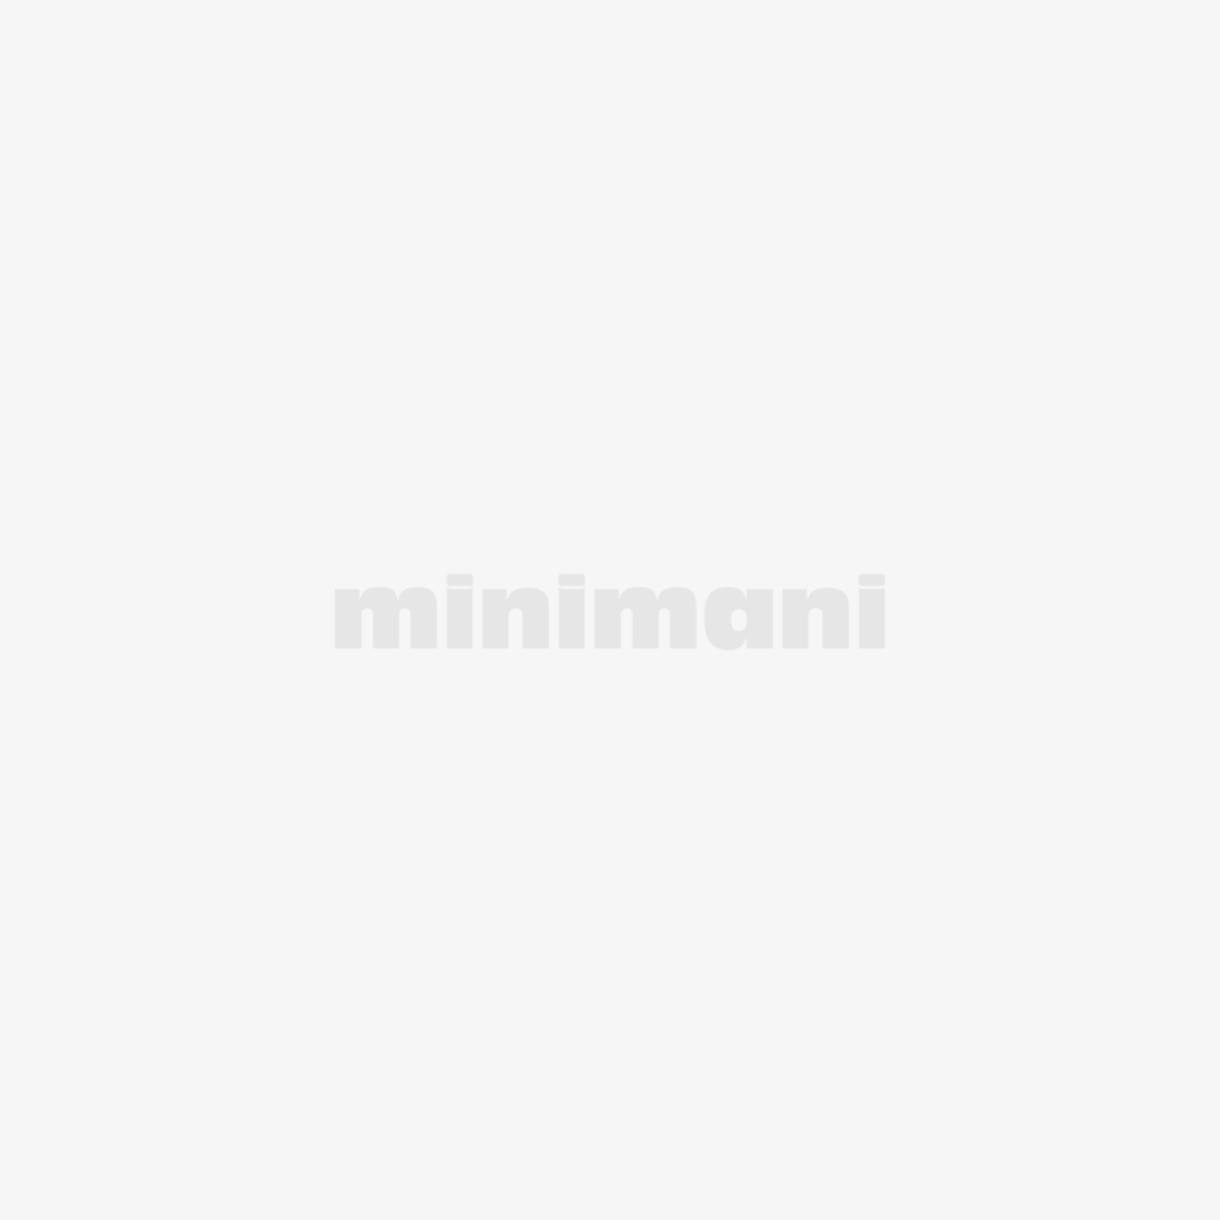 AIV M4 25M2 HAARUKKALIITIN 4 KPL